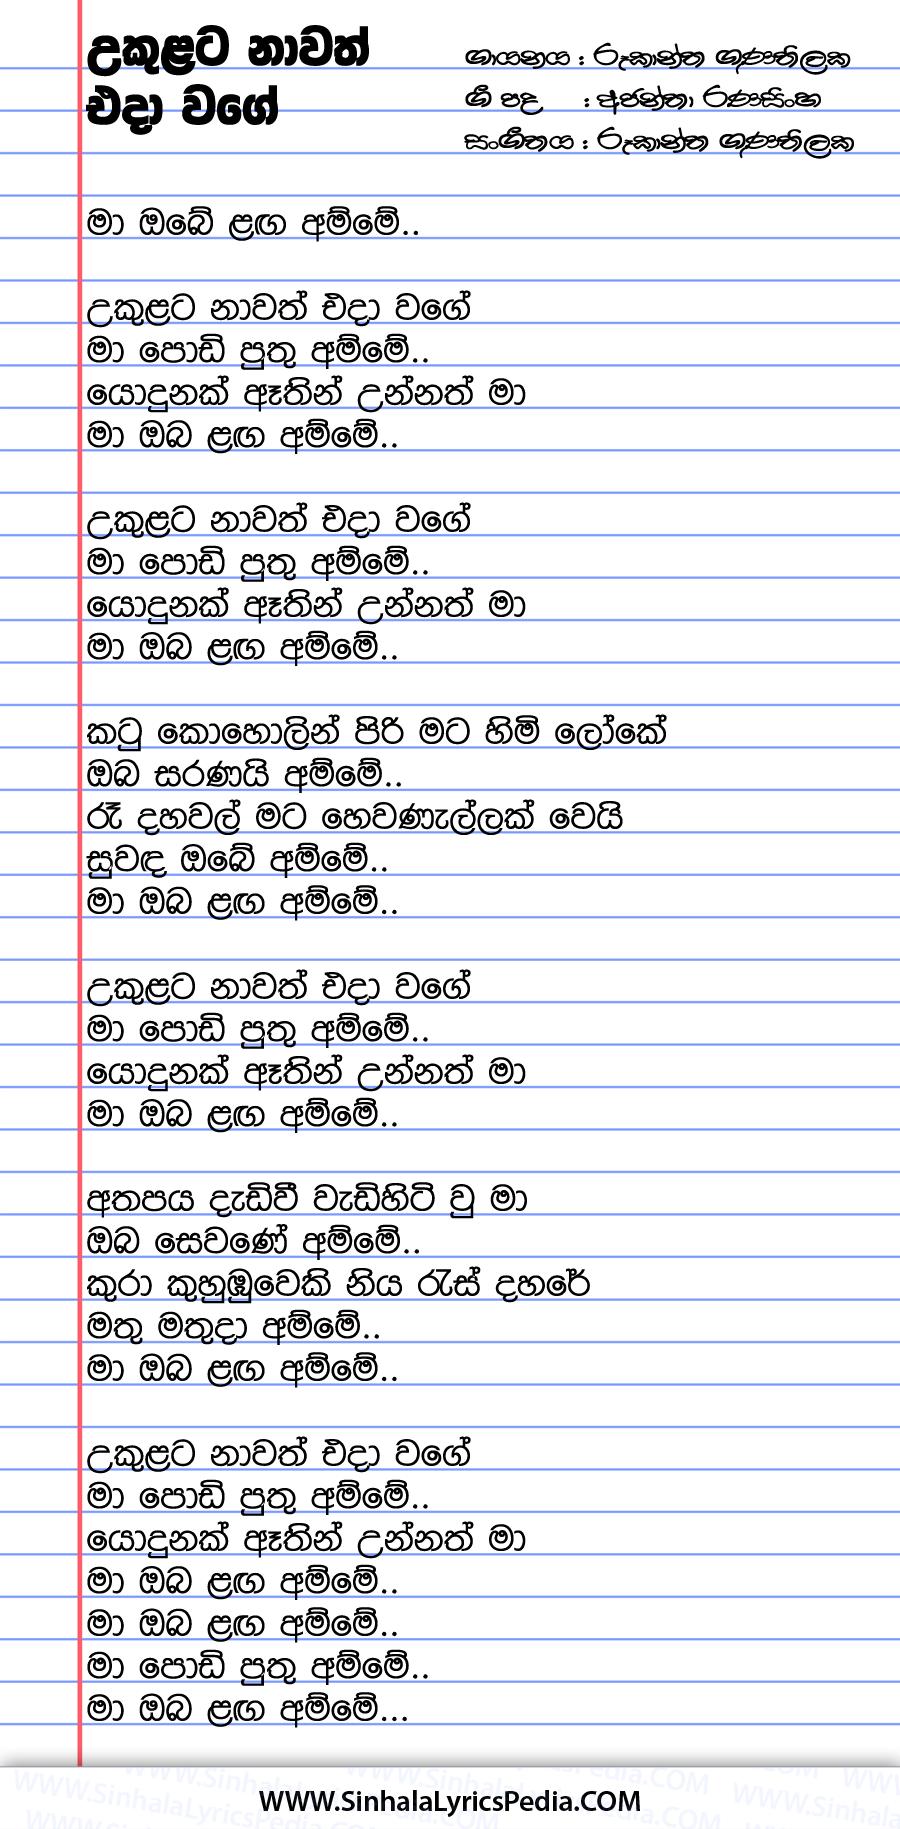 Ukulata Nawath Eda Wage Song Lyrics